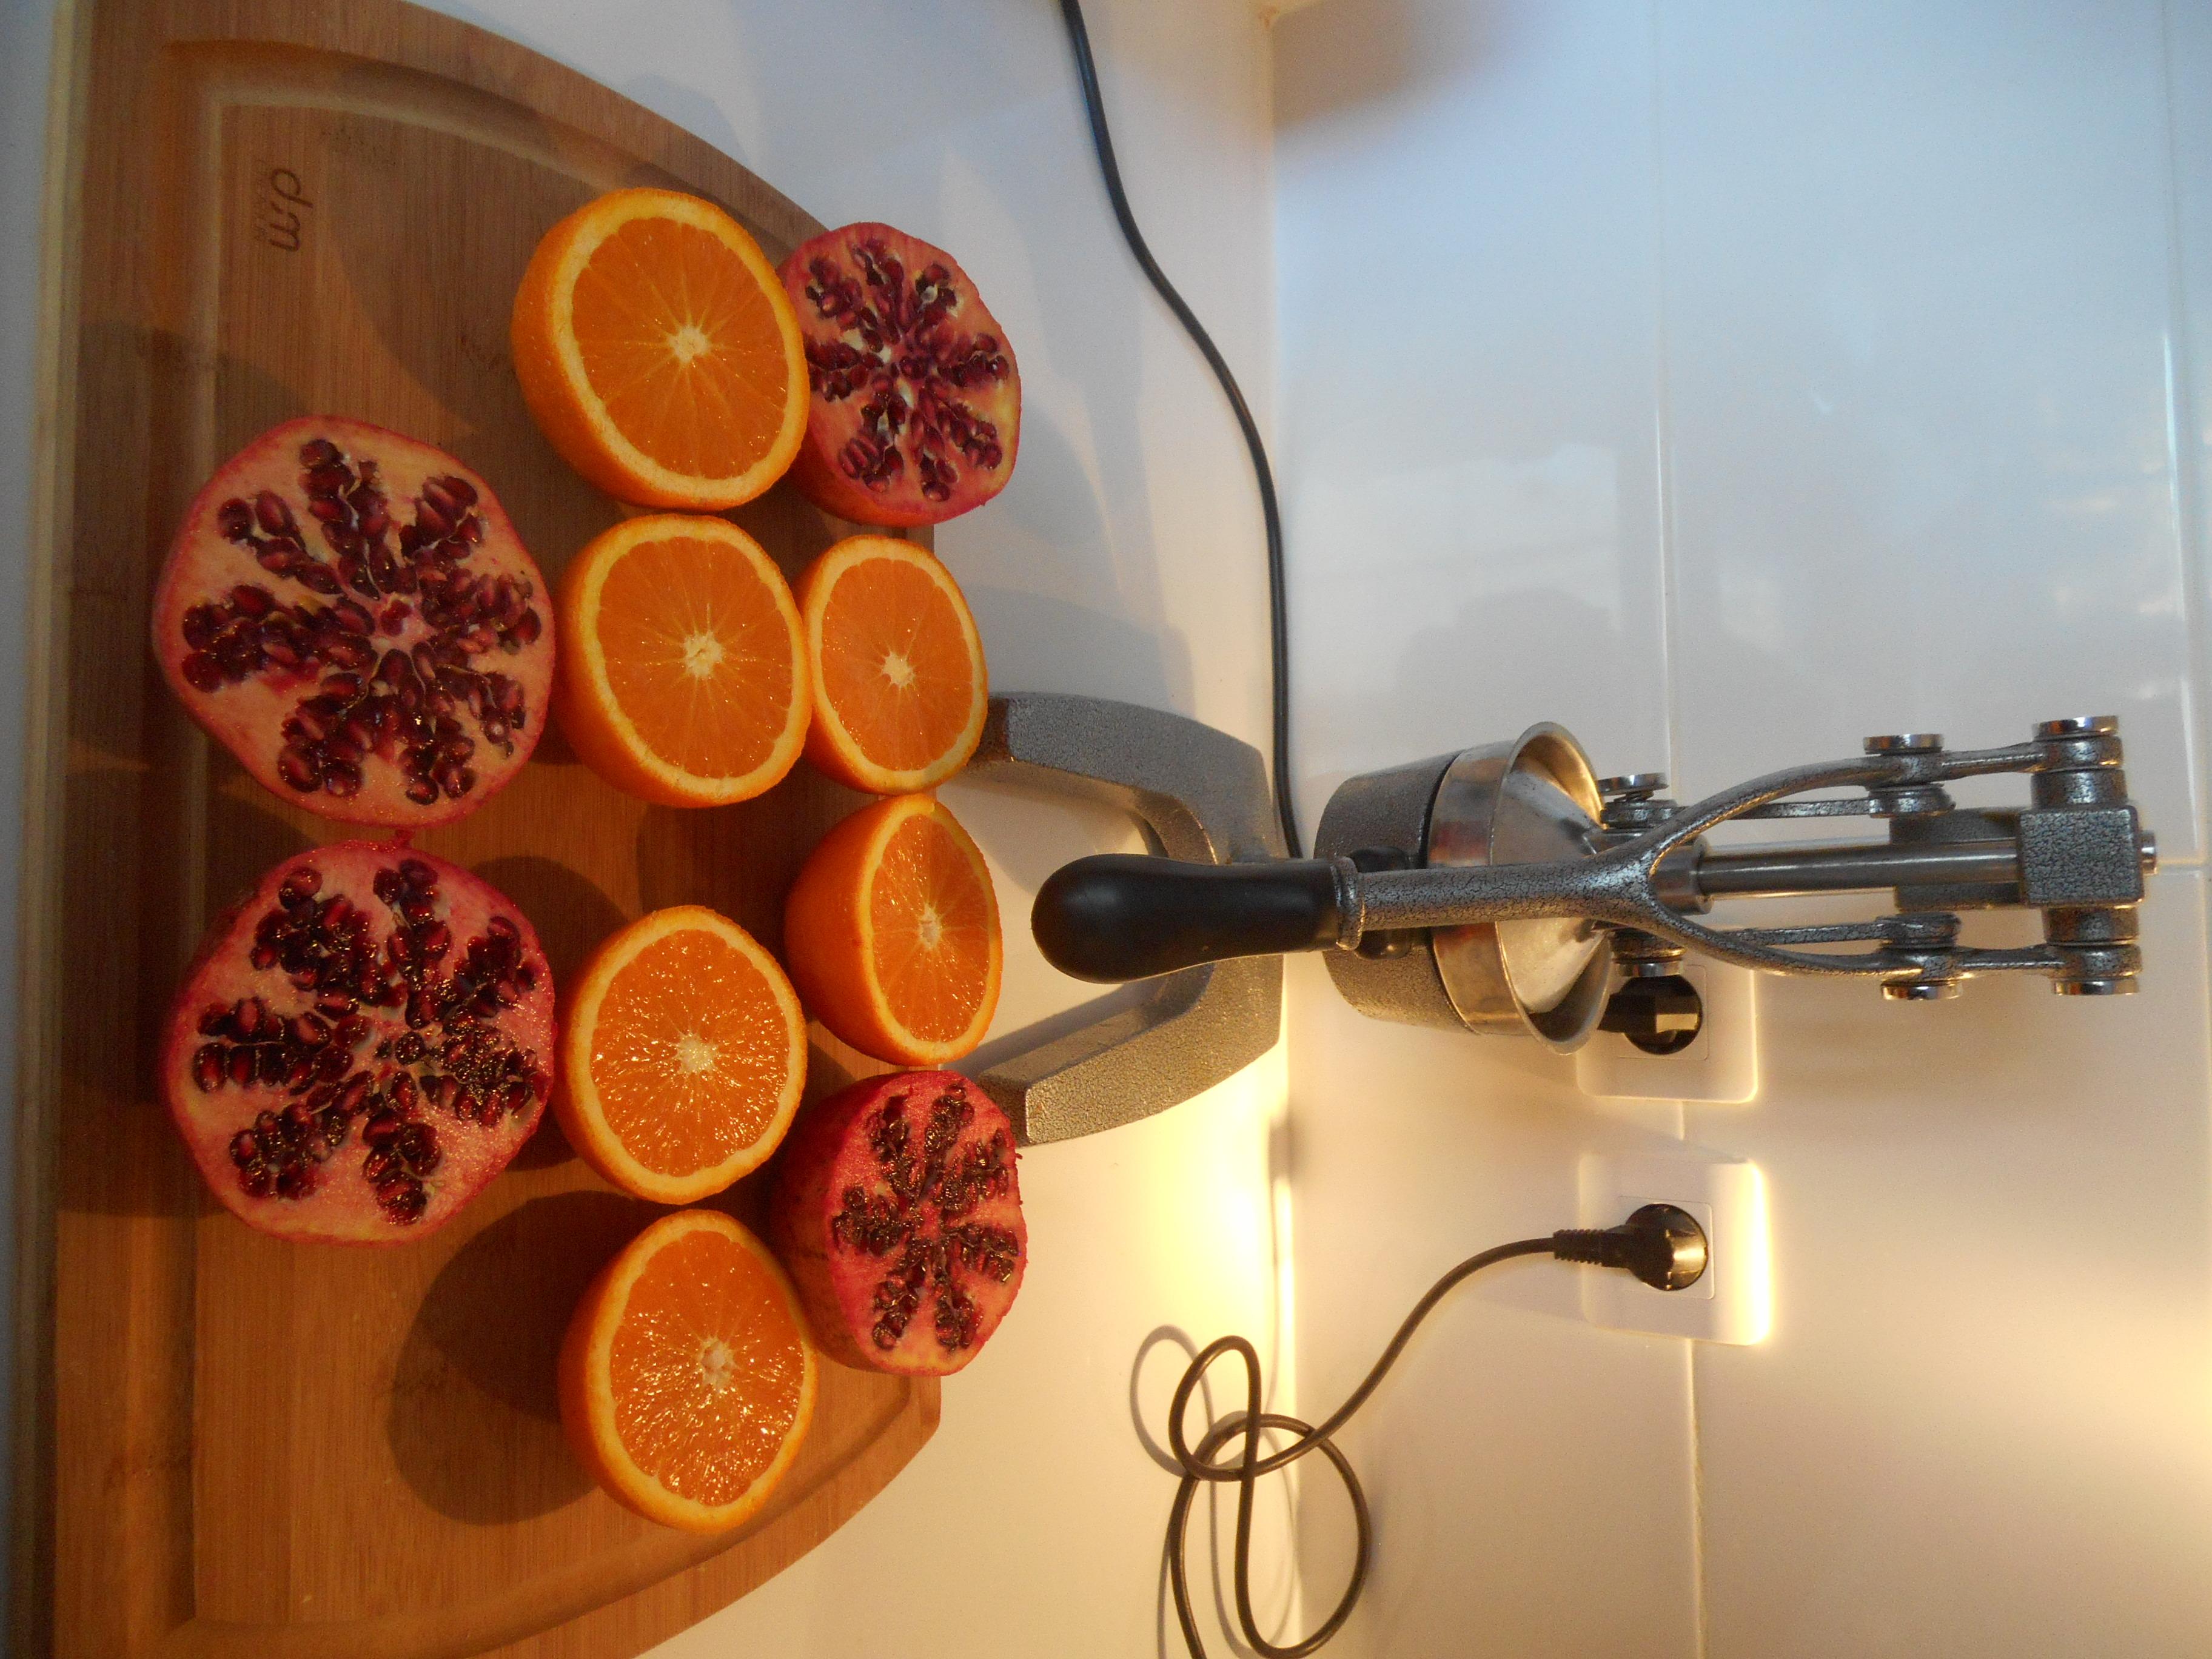 Recette Land : Recette de Jus de grenade orange chaque matin